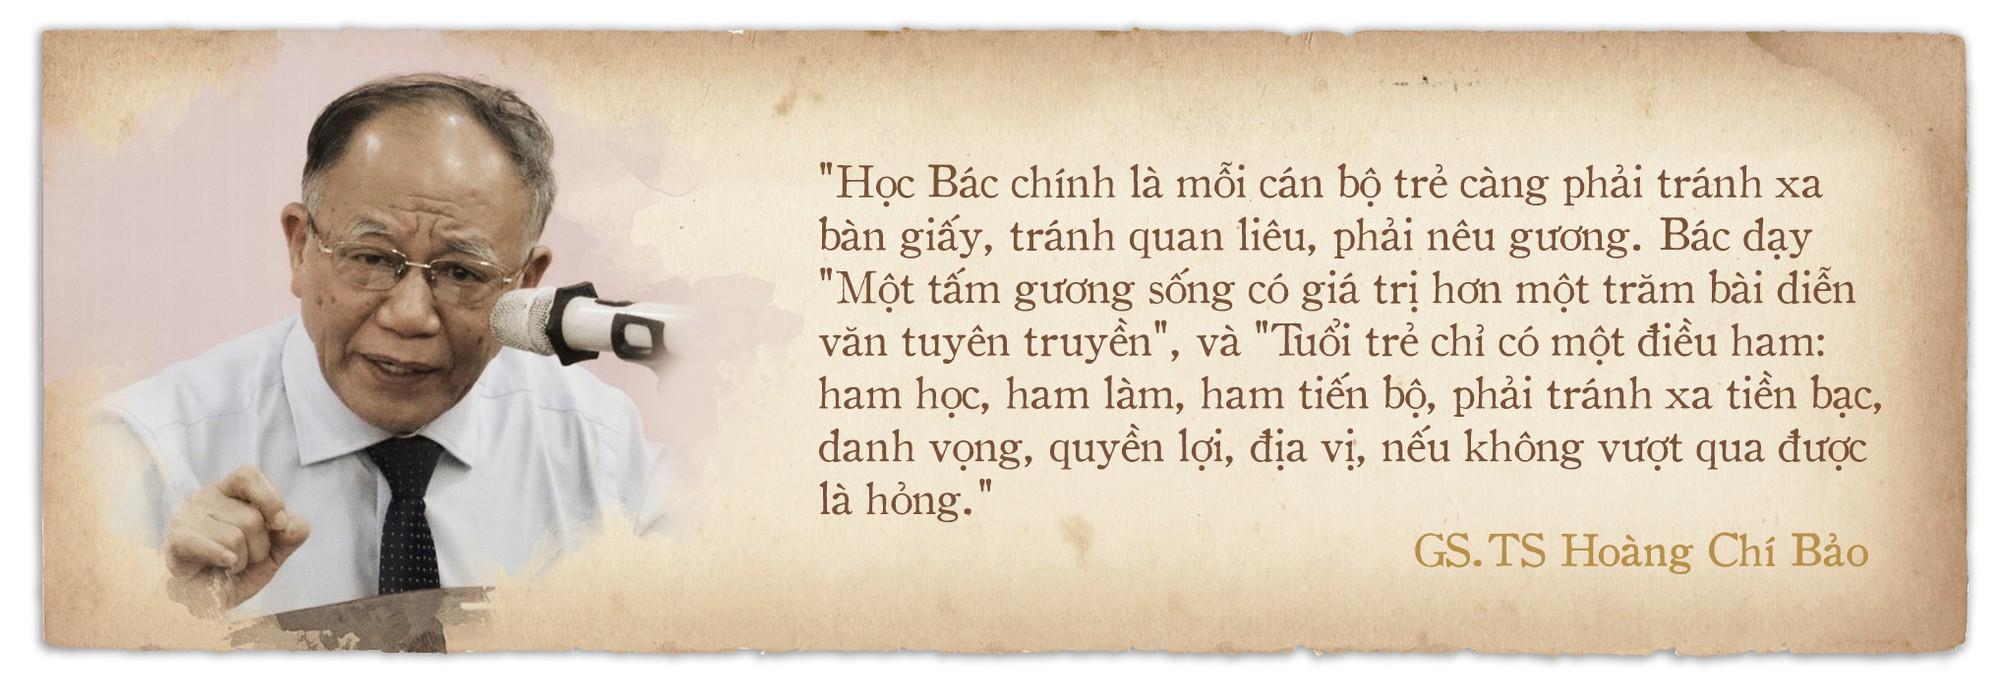 Di chúc của Chủ tịch Hồ Chí Minh: Như ngọn đuốc soi đường cho dân tộc - Ảnh 12.